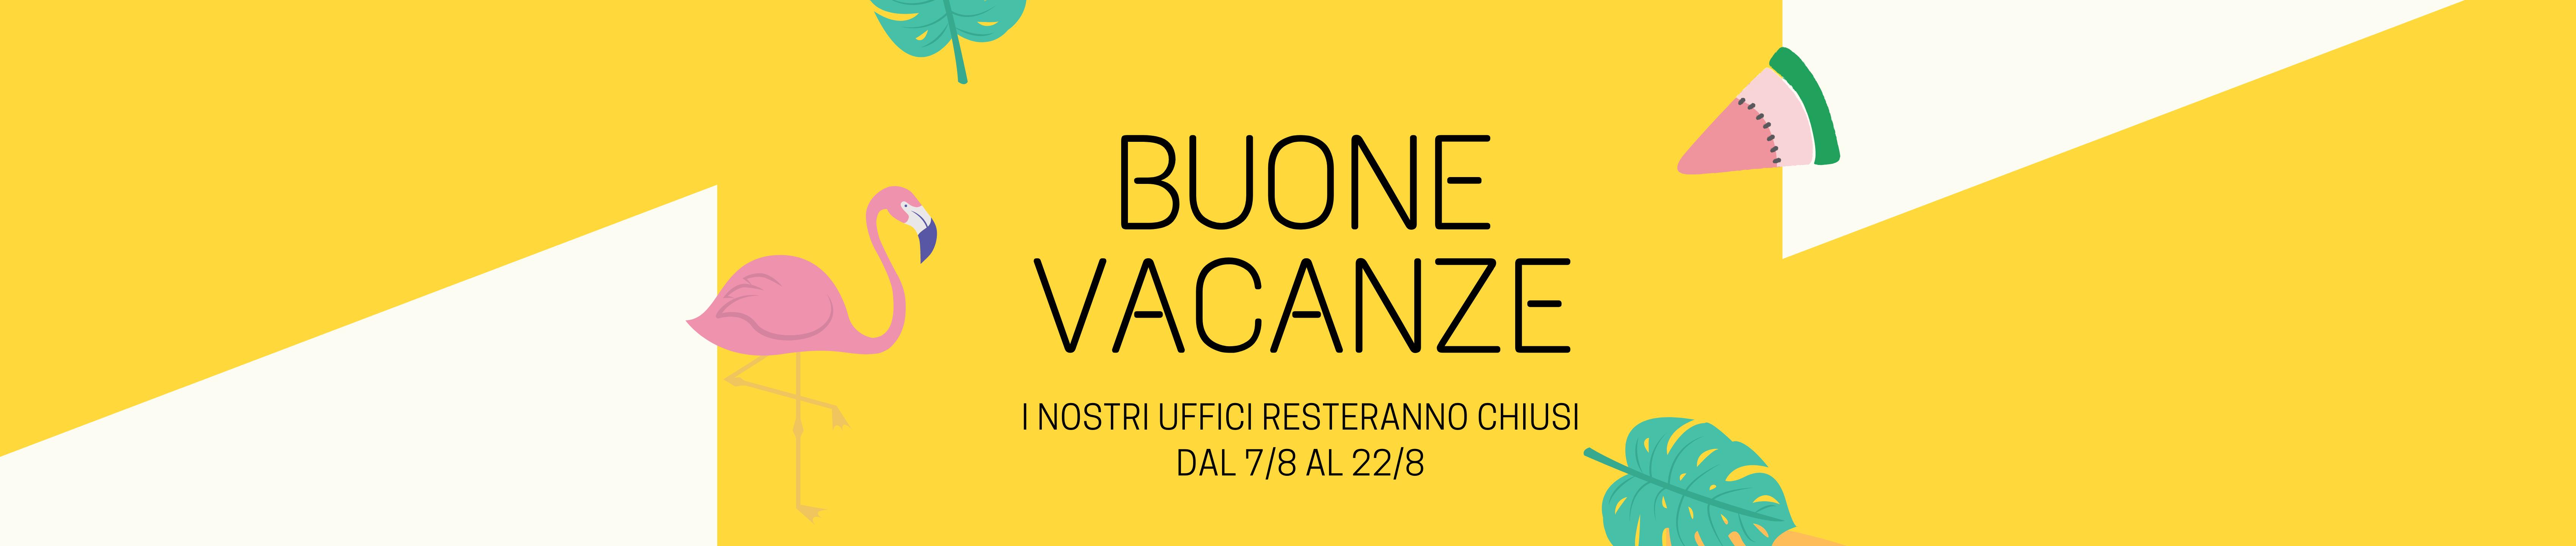 BUONE-VACANZE-6-1